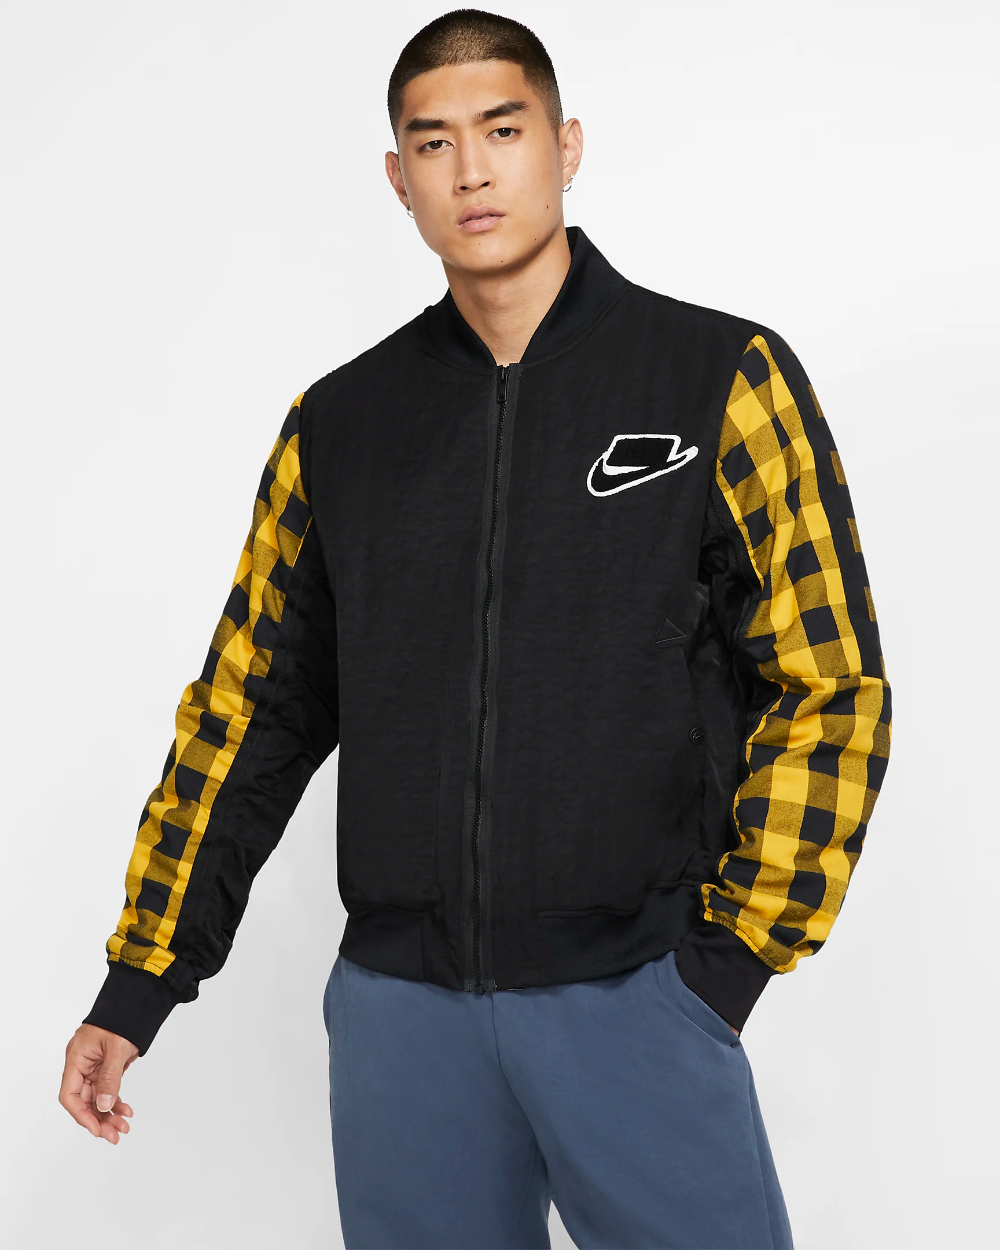 Nike Sportswear Nsw Bomber Jacket Nike Com Nike Bomber Jacket Bomber Jacket Jackets [ 1250 x 1000 Pixel ]